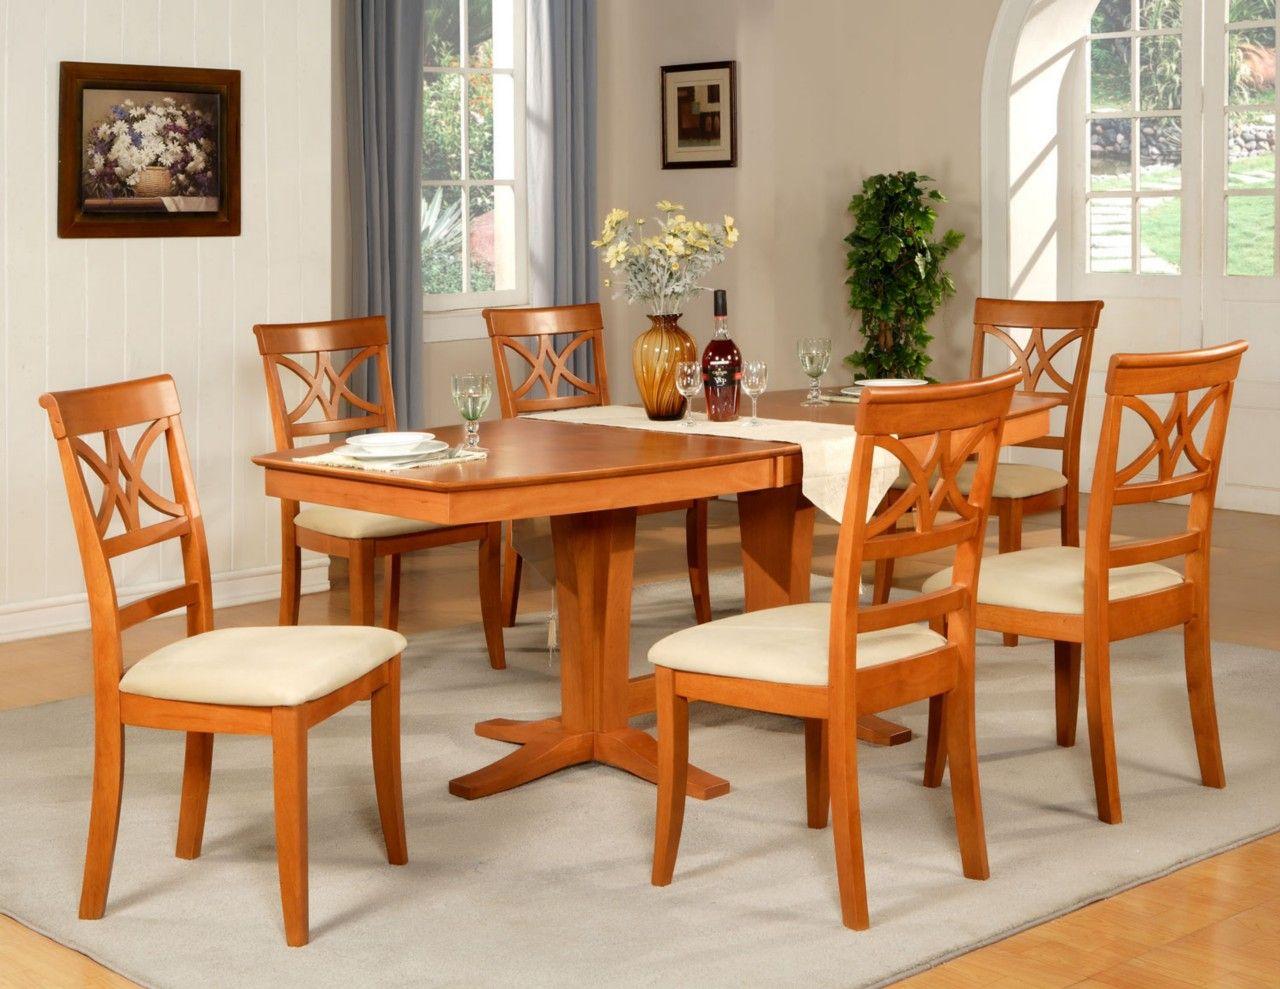 Holz Stühle Für Küche Holz Stühle Für Küche Holen Sie